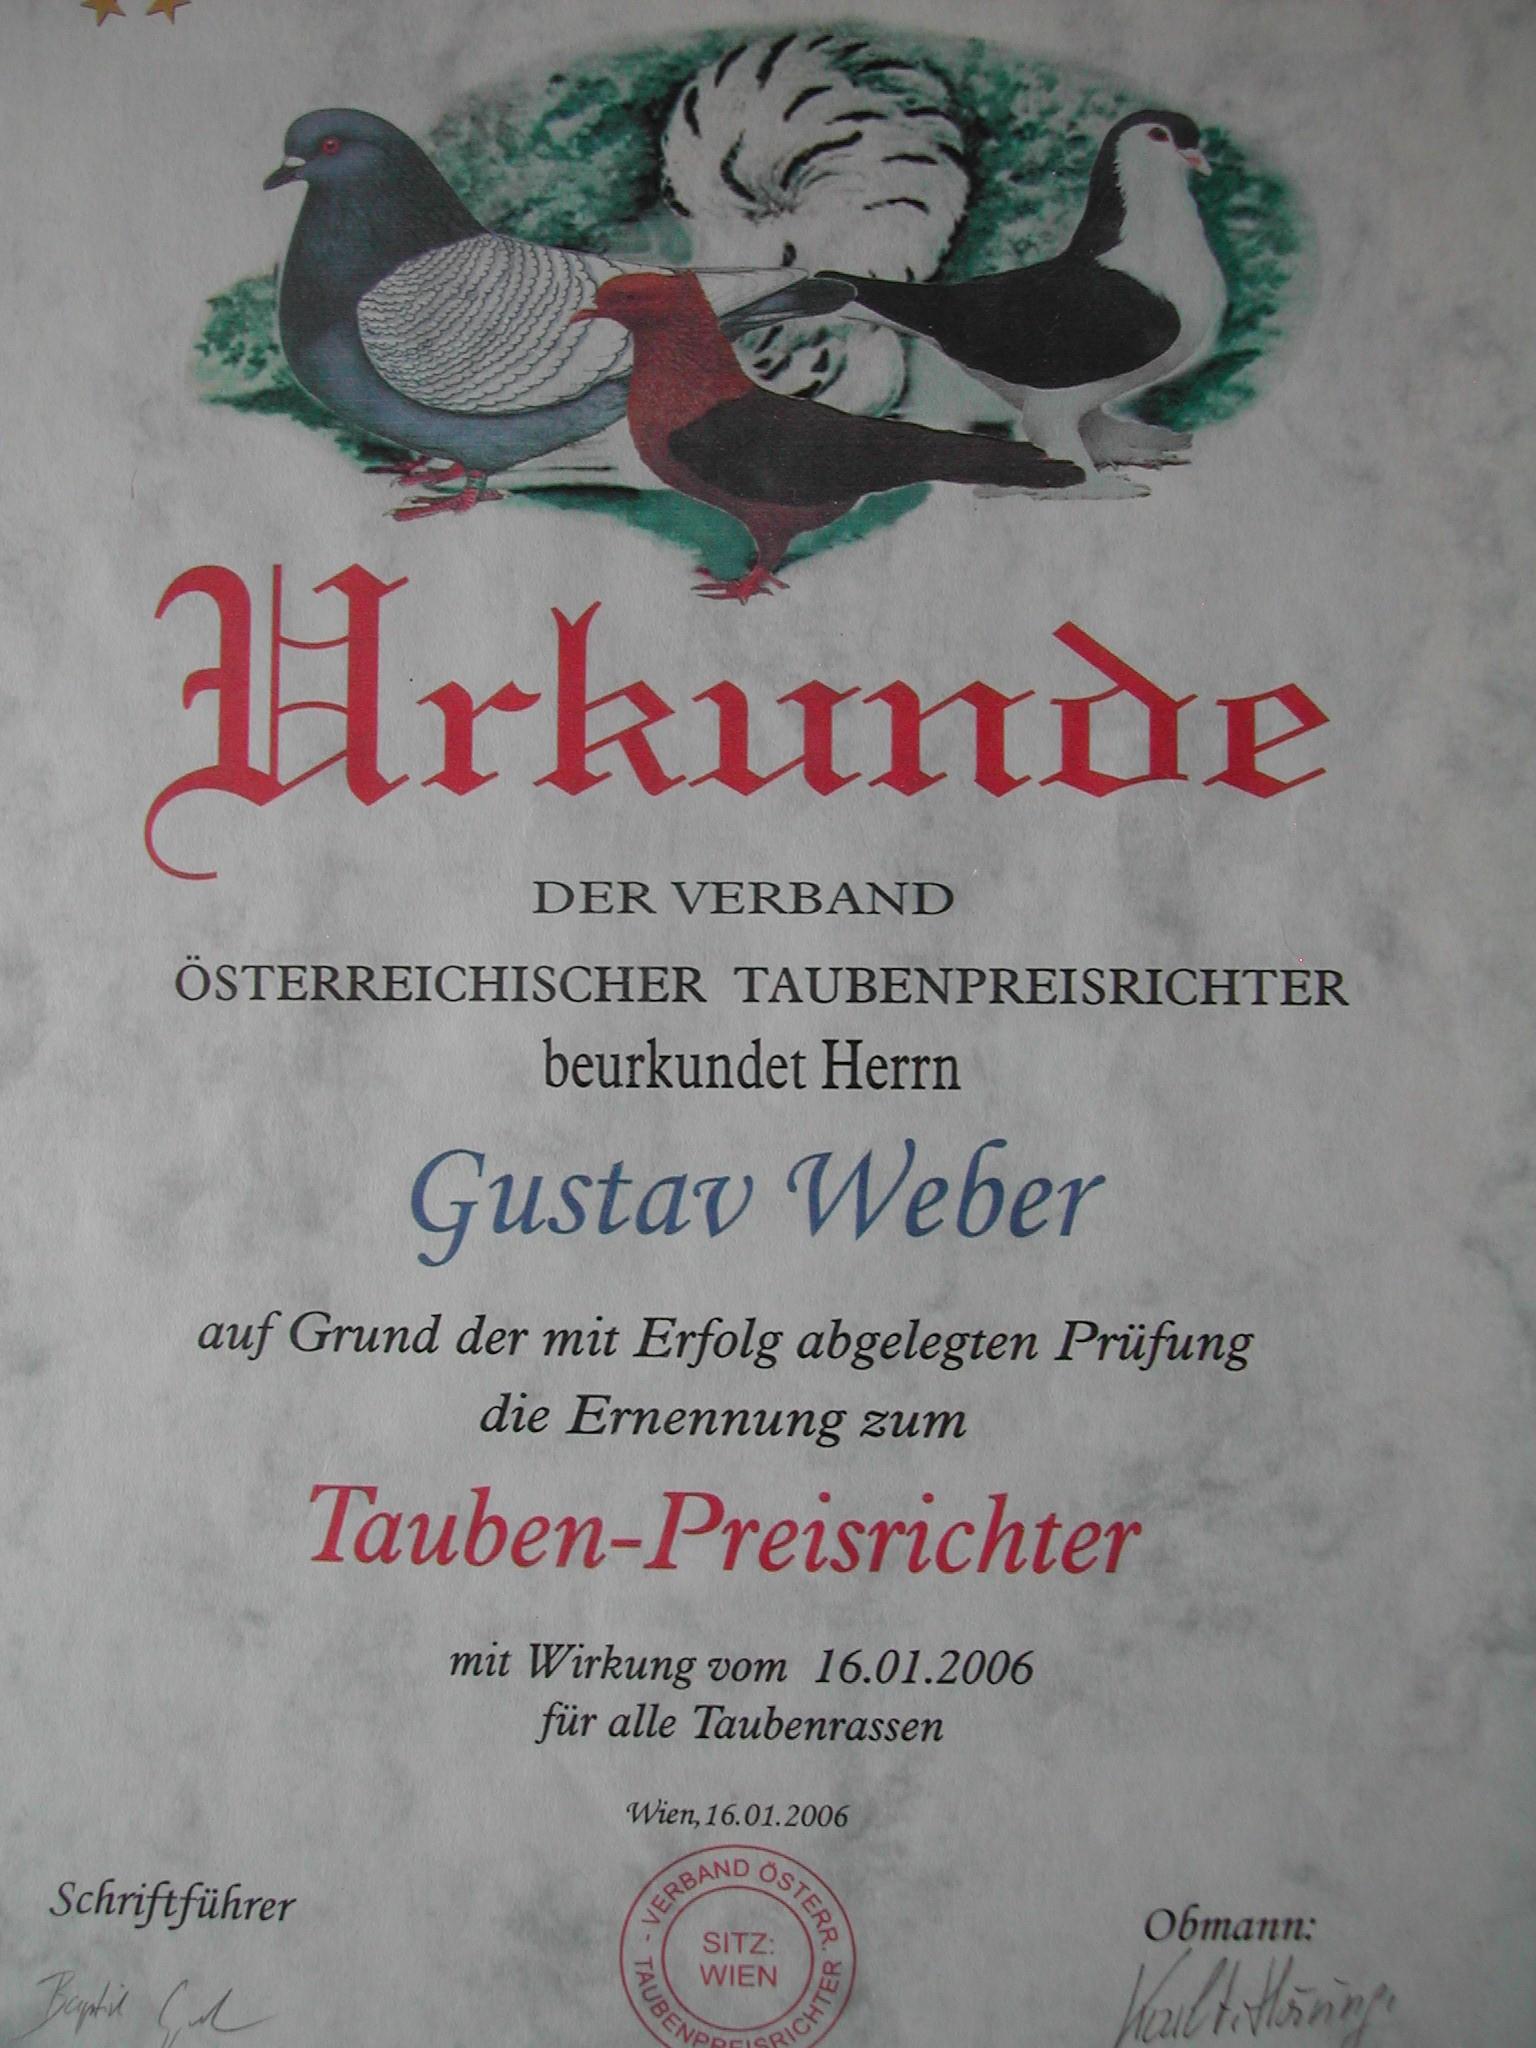 Urkunde anlässlich meiner Preisrichterernennung